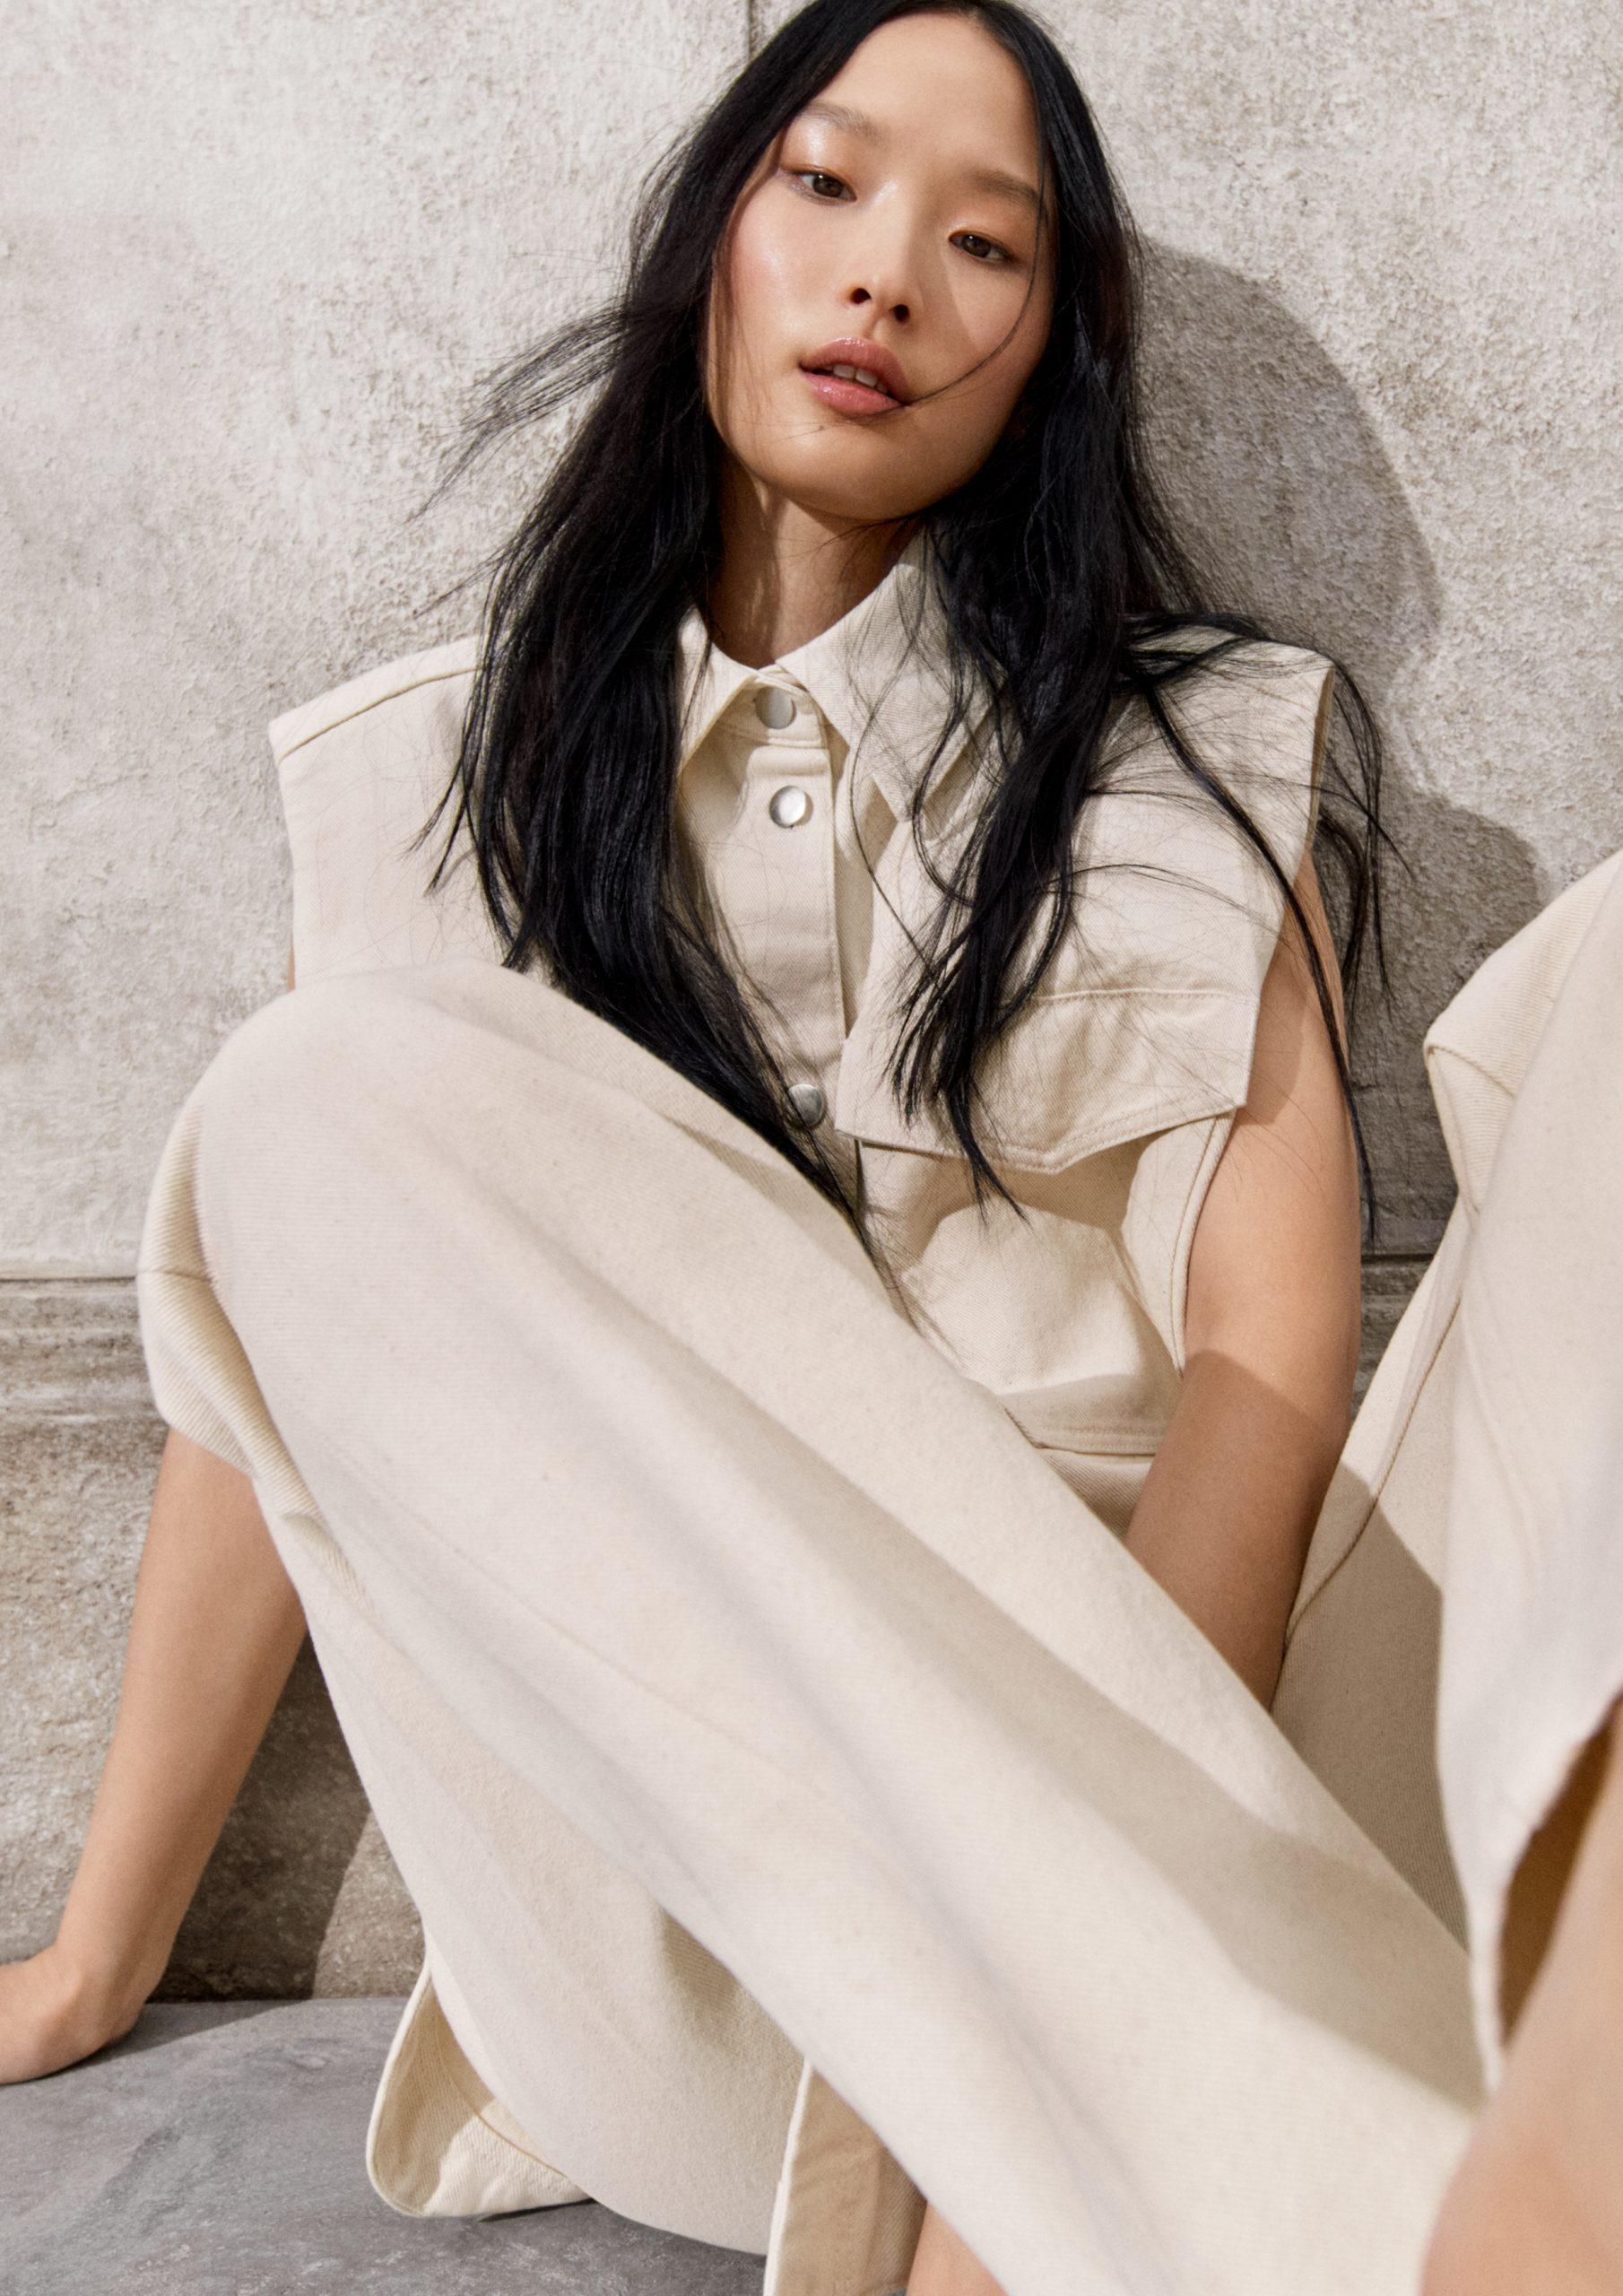 1103-Spring-Fashion-Portrait-Campaign-Images-300ppi-08